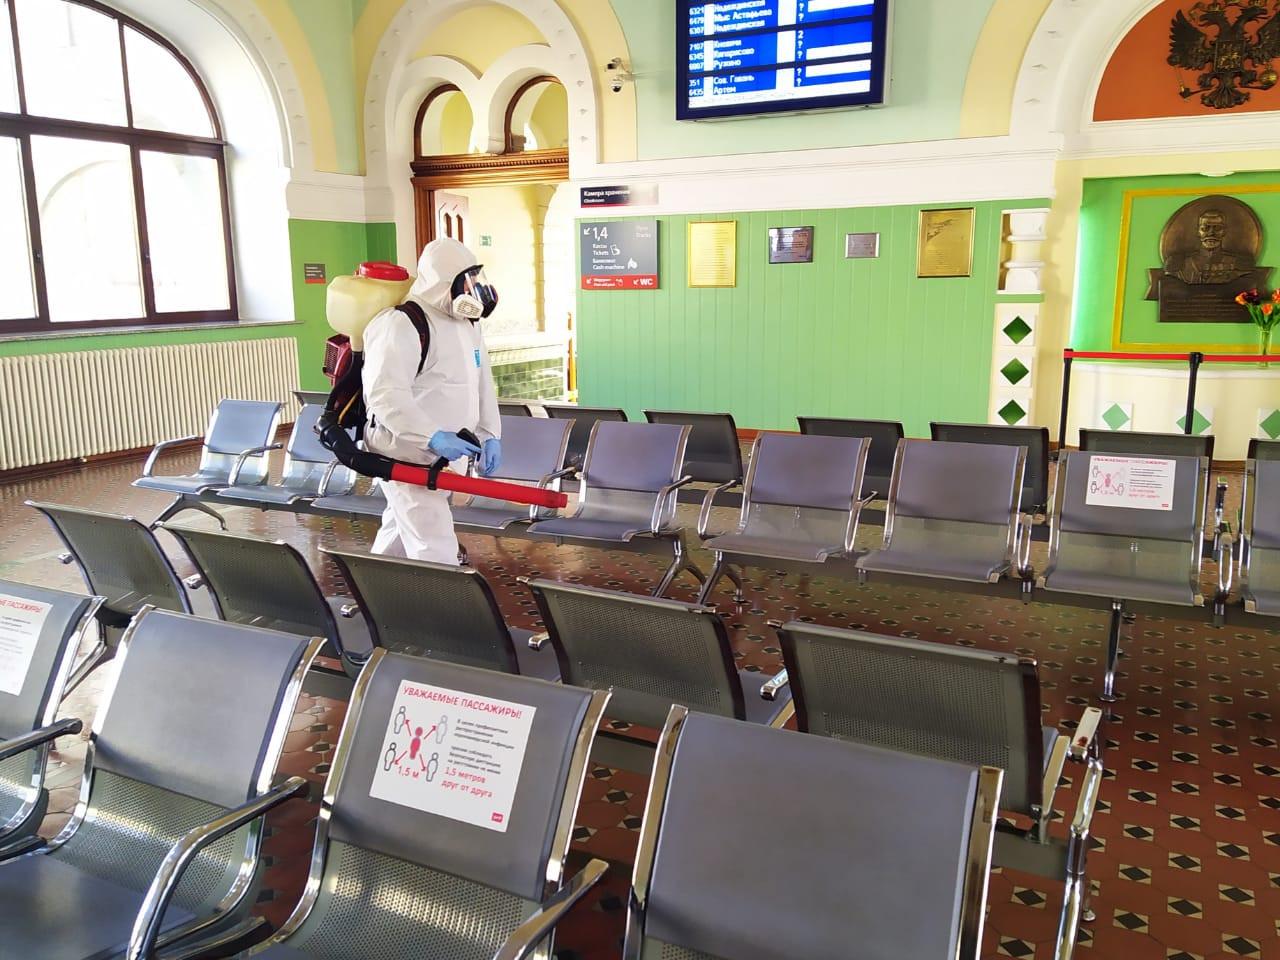 Громко и с размахом: на железнодорожном вокзале Владивостока проводится дезинфекция